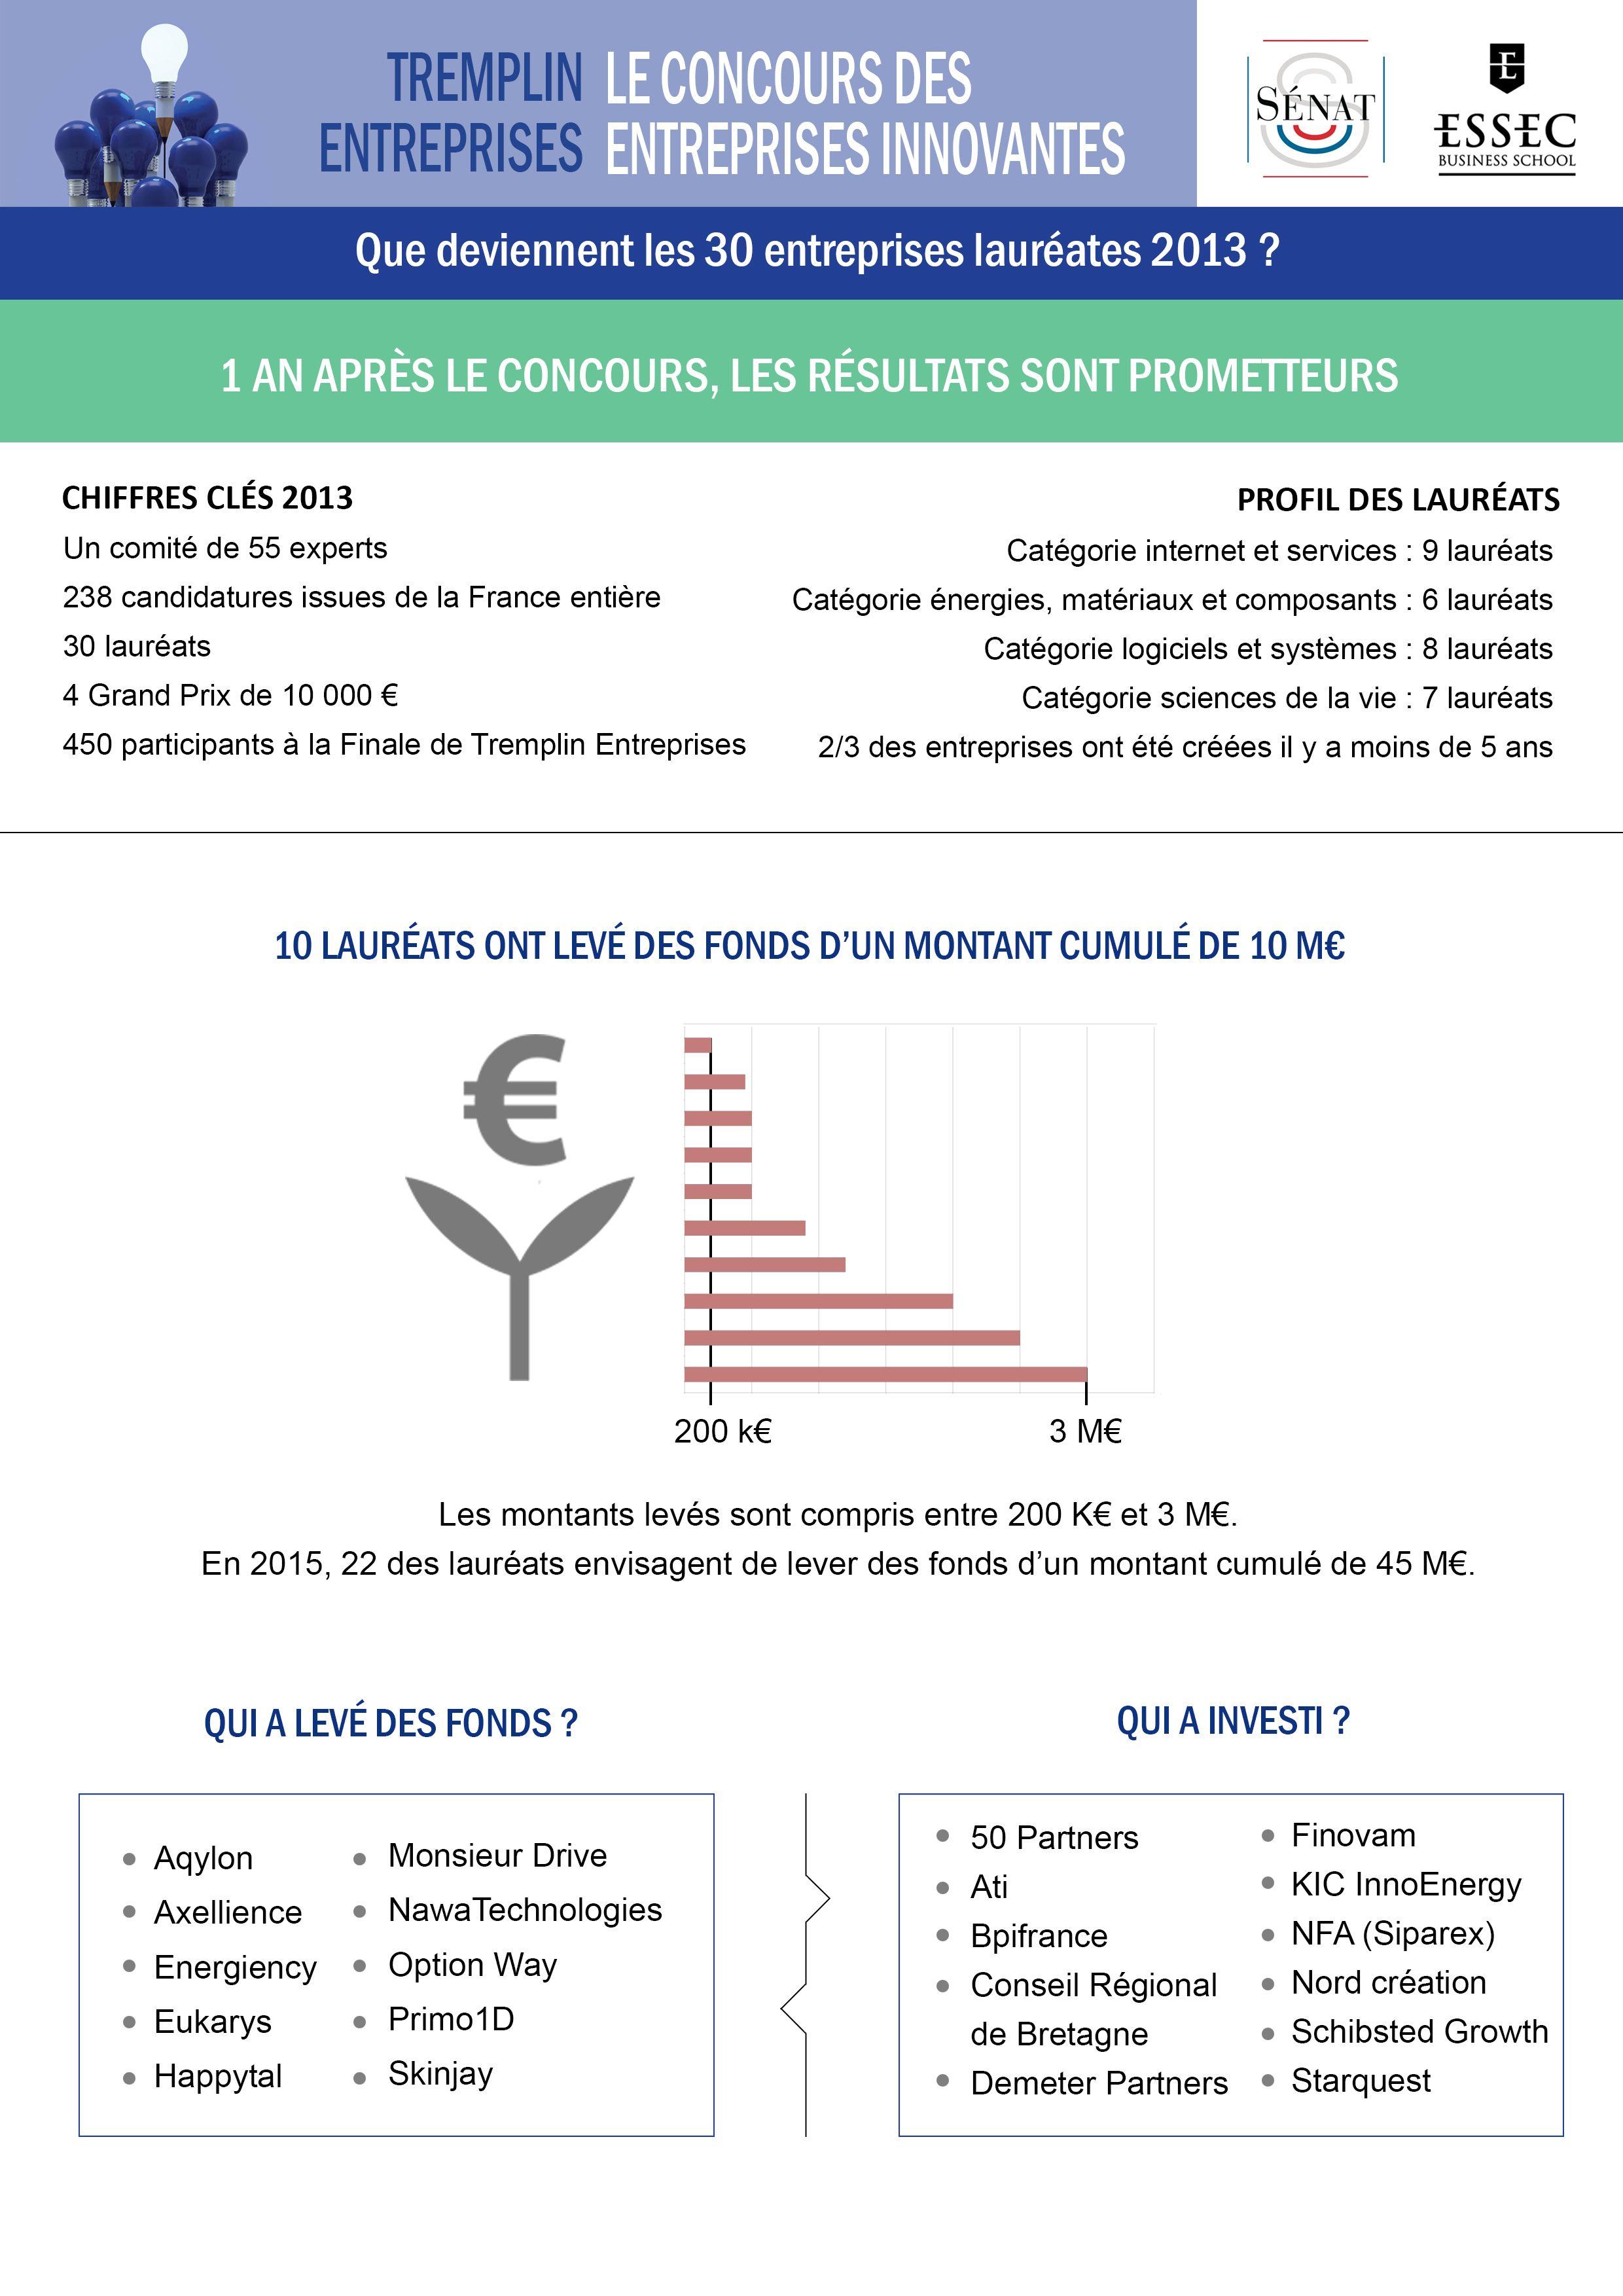 infographie-tremplin-entreprises-1